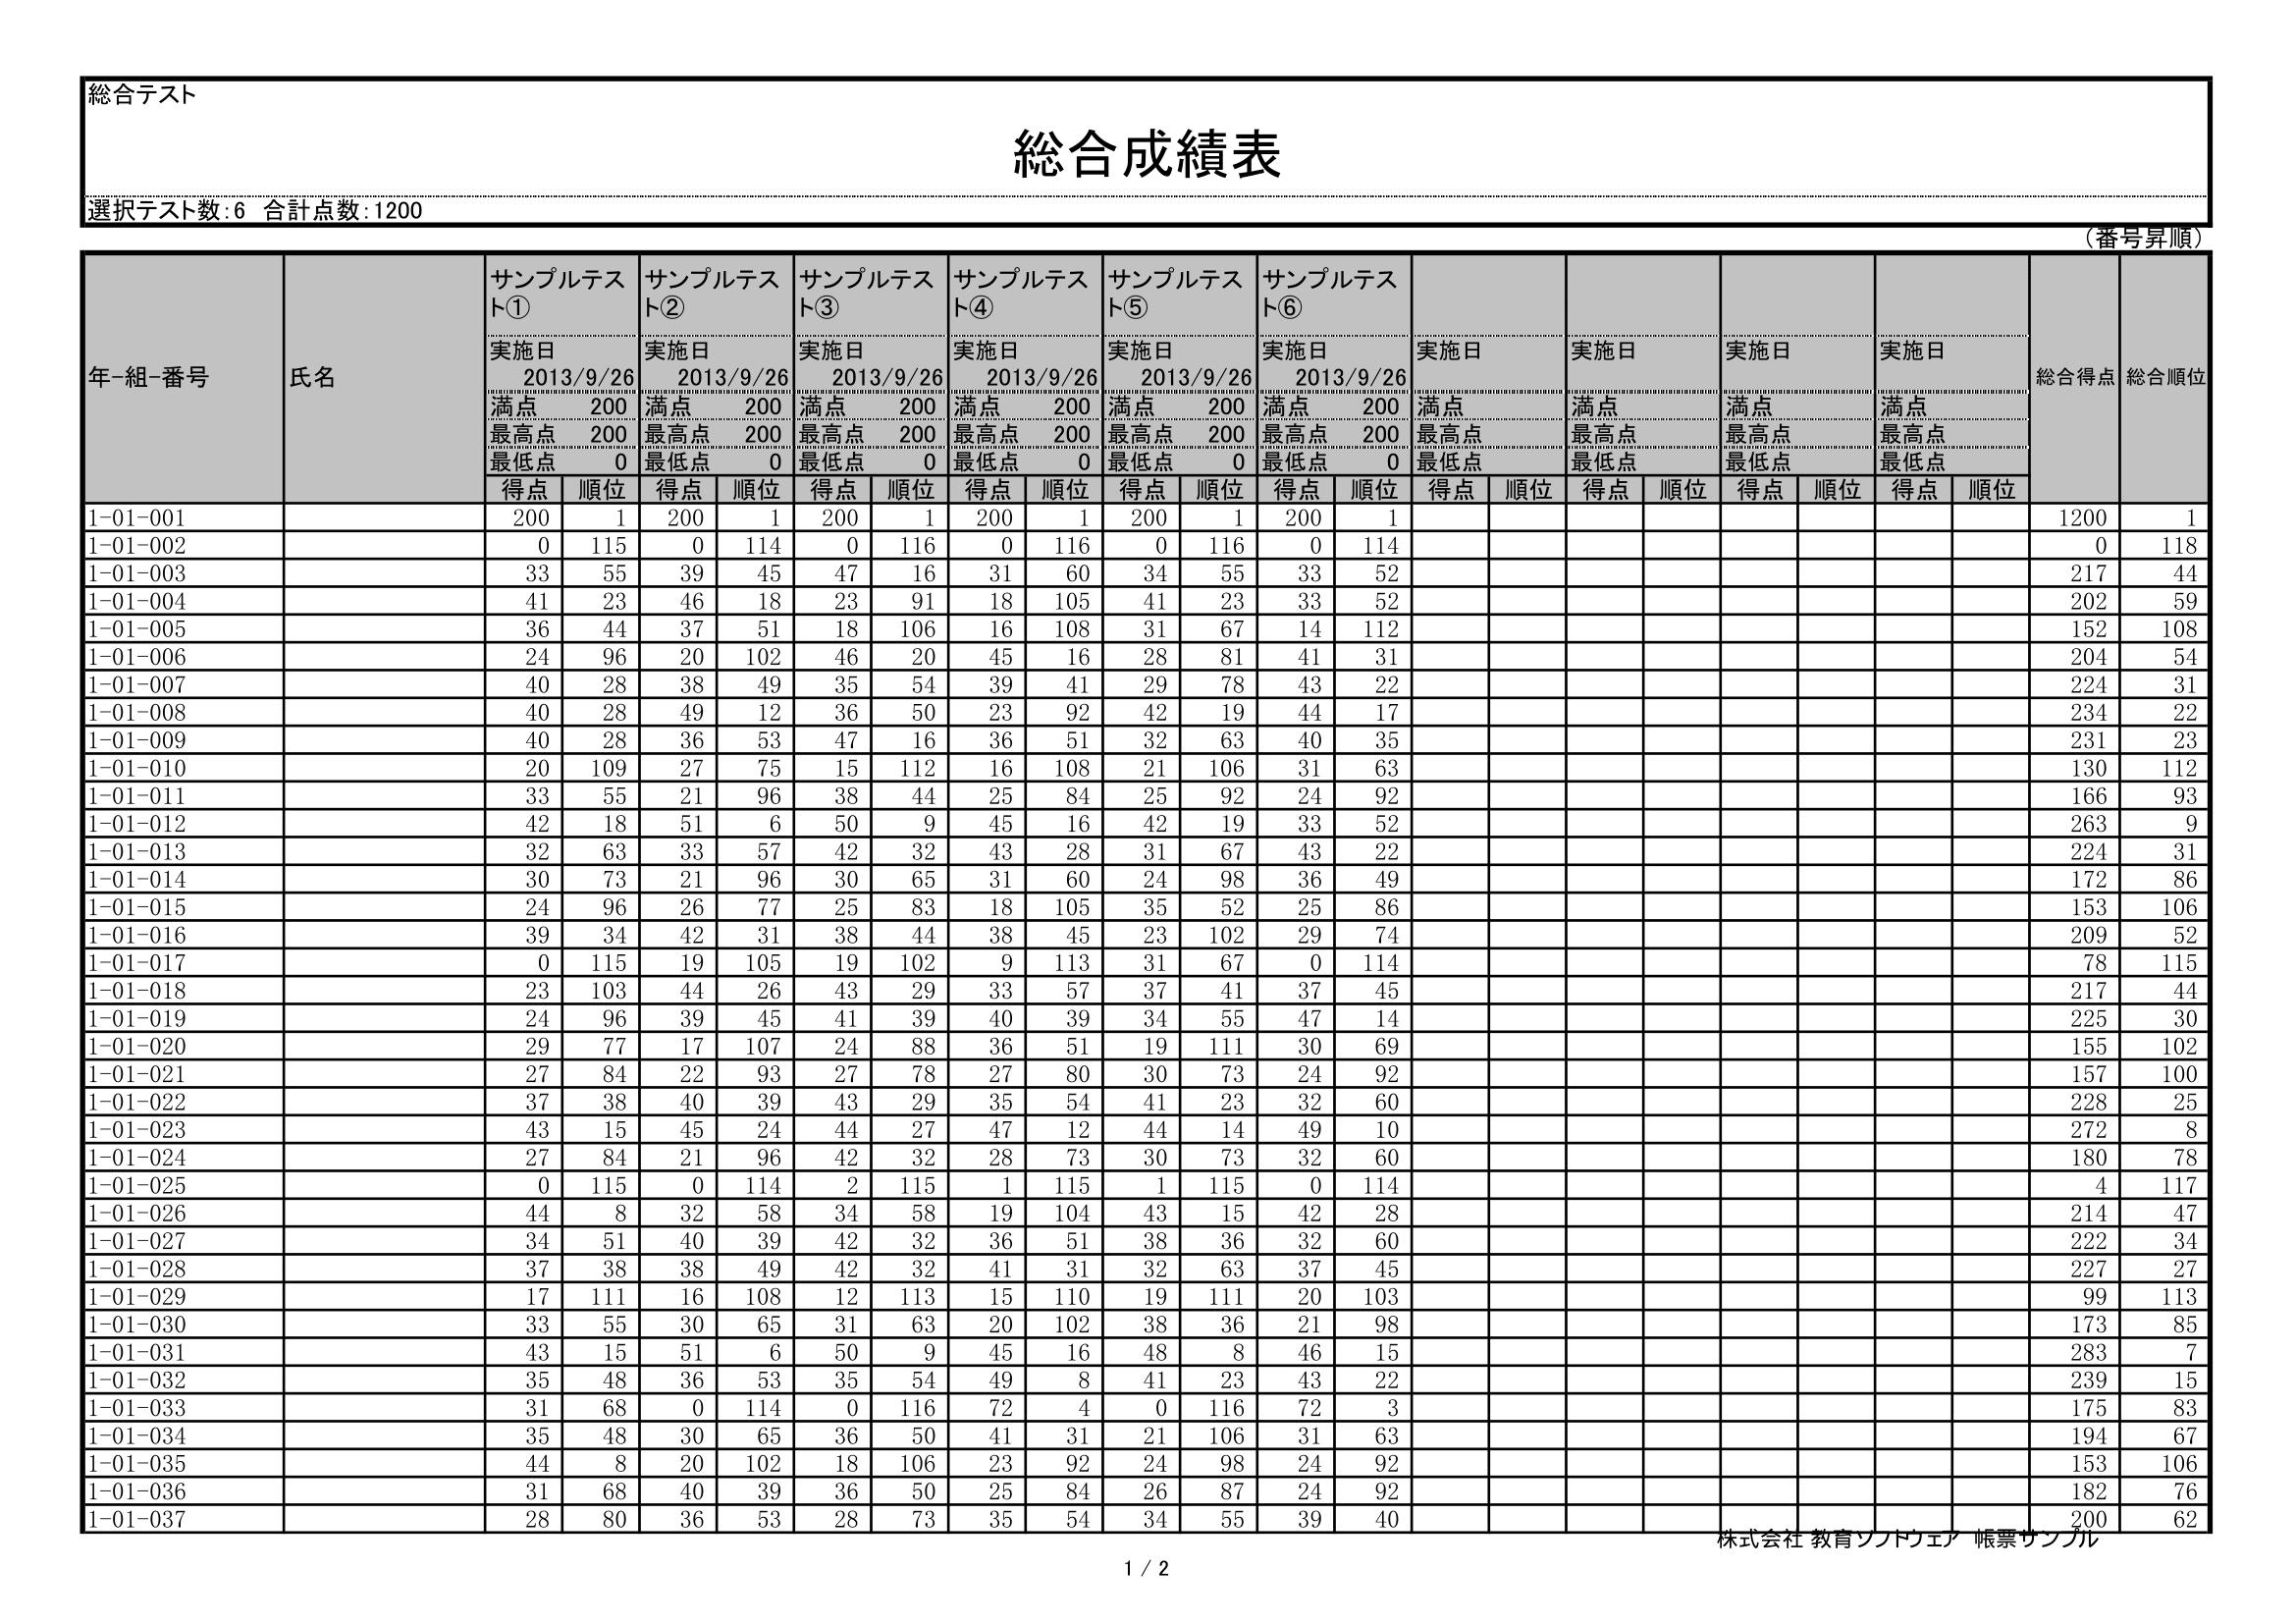 採点ソフト帳票サンプル-総合成績表(詳細)